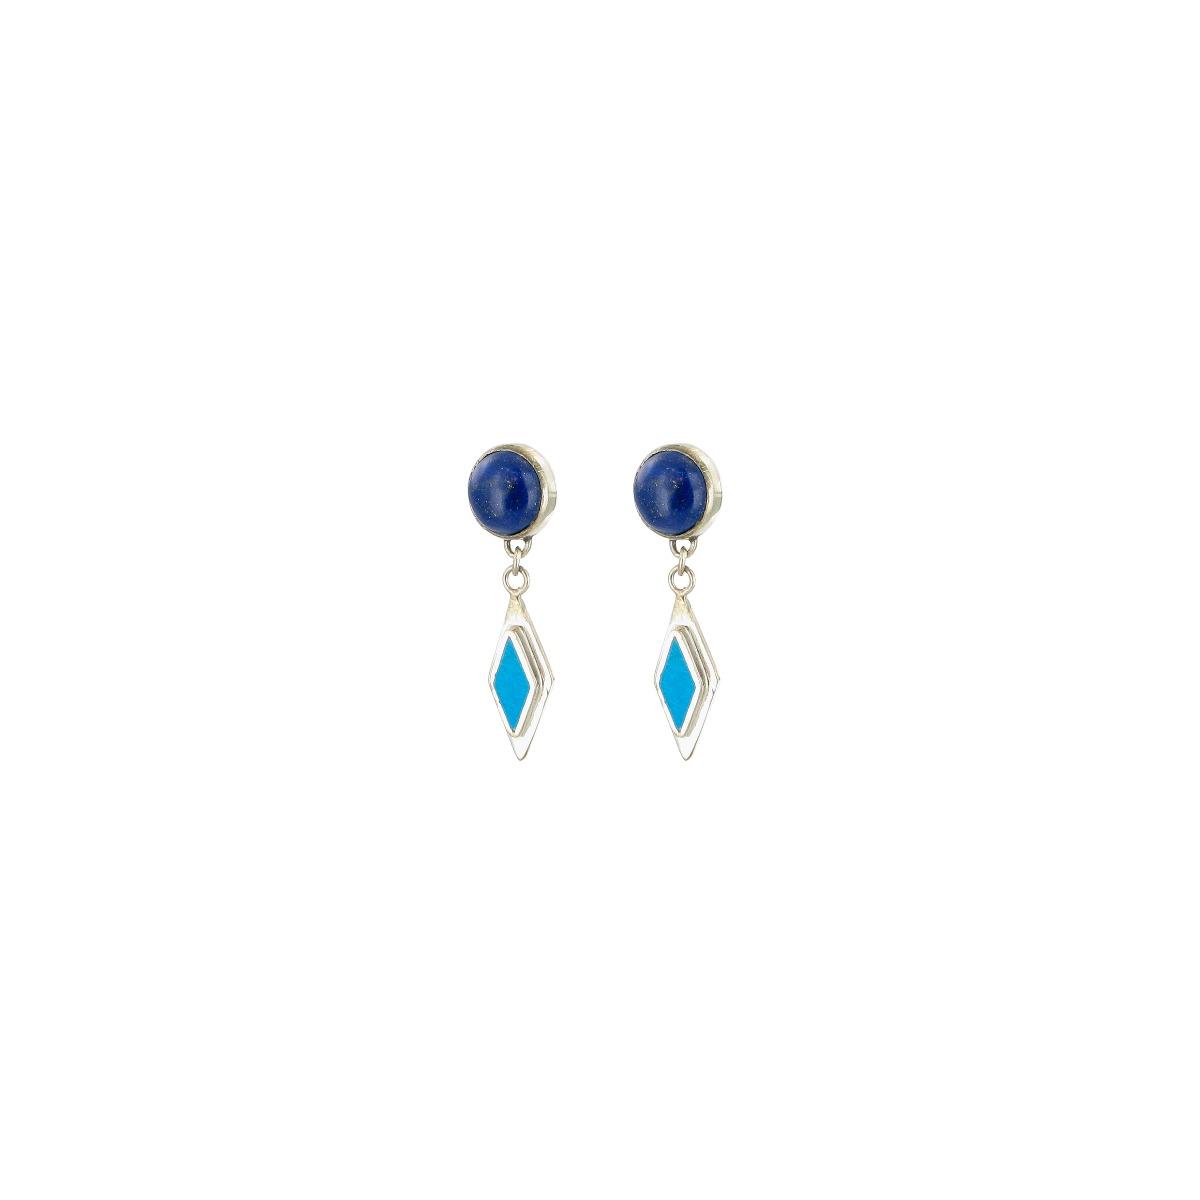 Alina star drop earrings